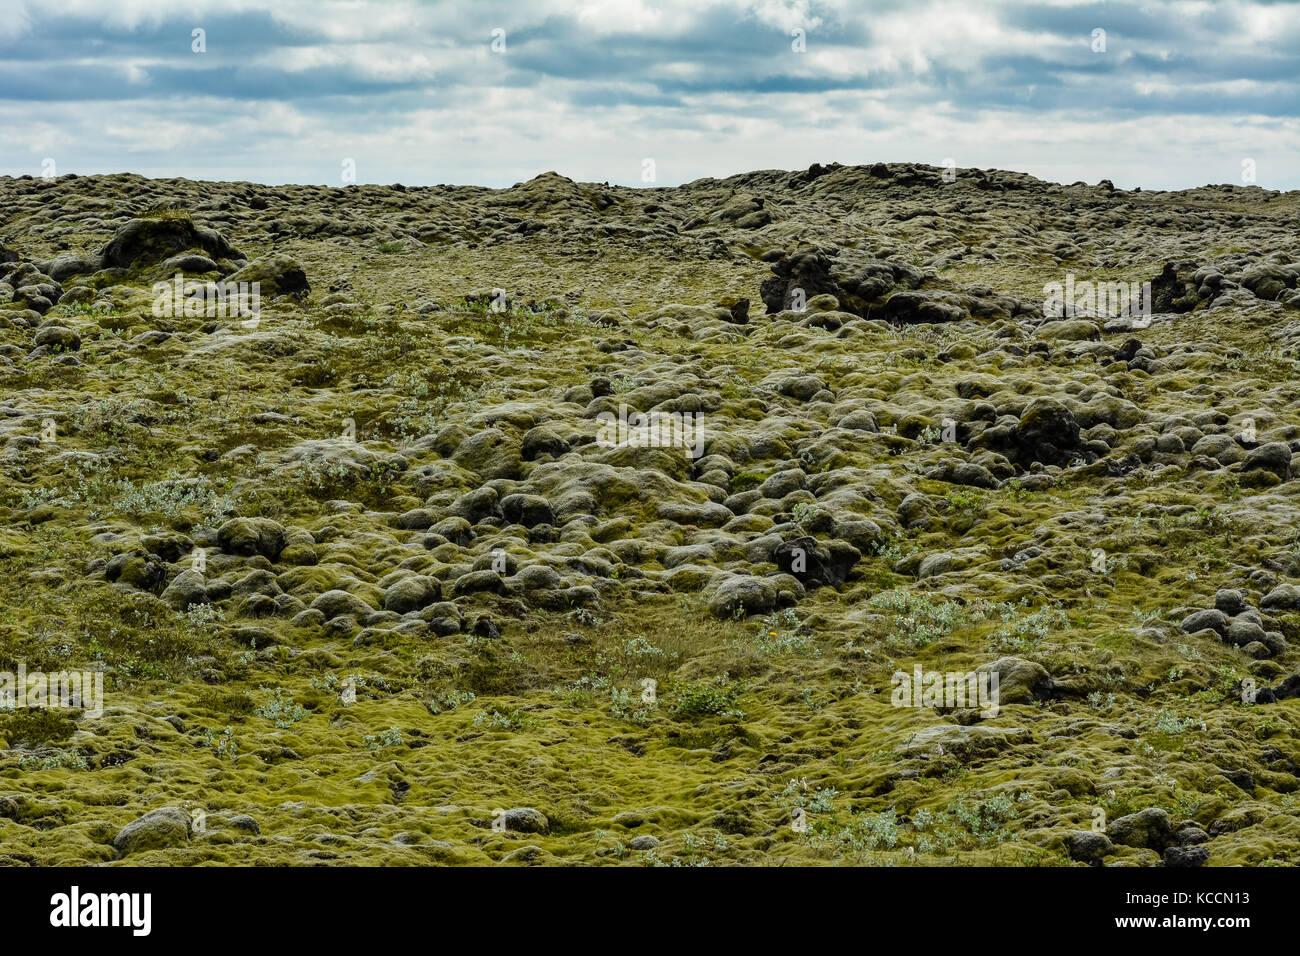 Vue typique dans le sud de l'Islande avec des roches de lave couvertes par mousse verte Photo Stock